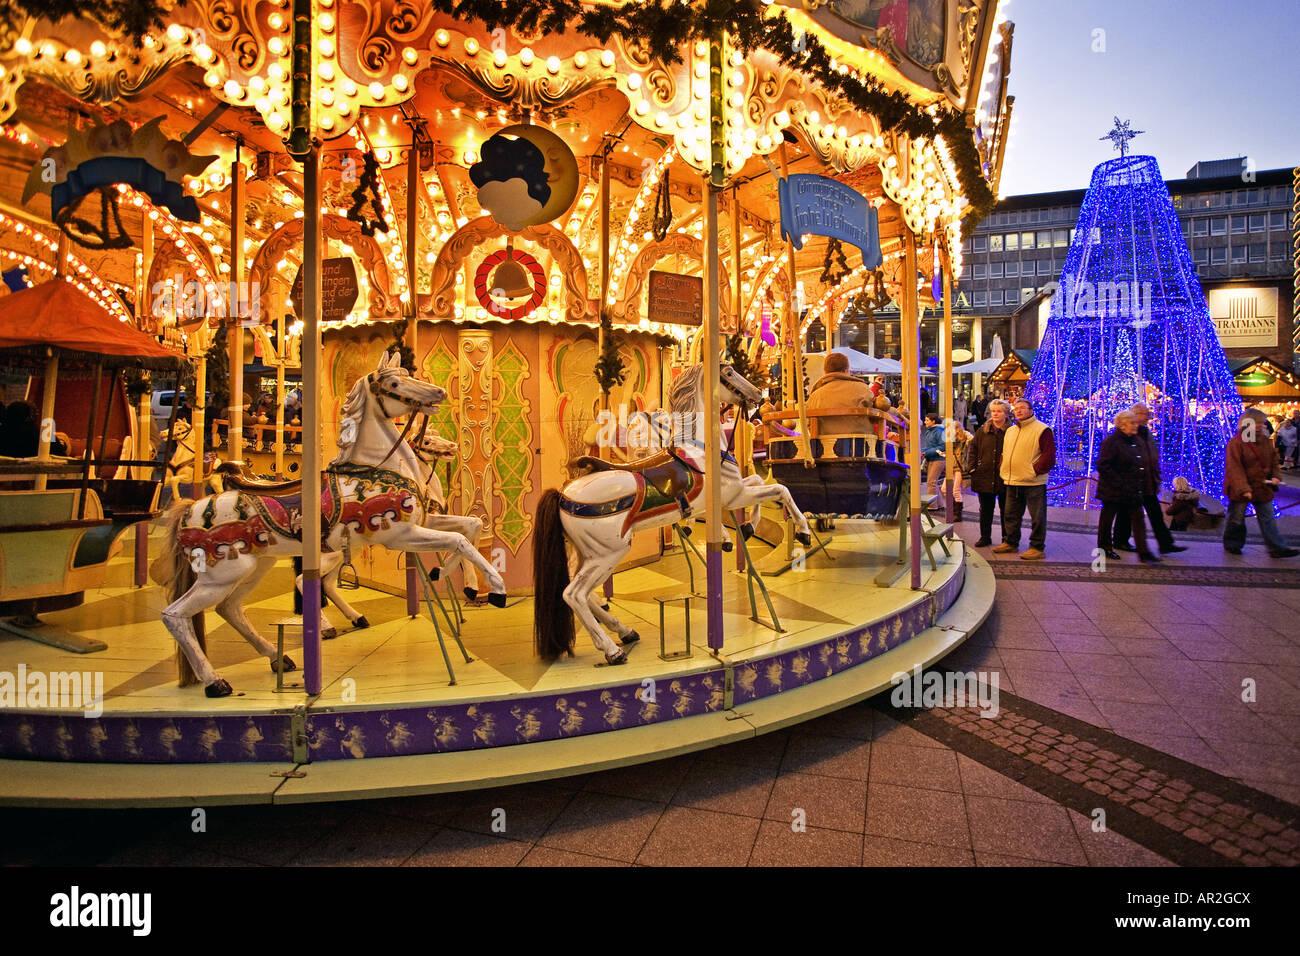 Essen Weihnachtsmarkt 2019.Historisches Karussell Am Weihnachtsmarkt Im Citycenter Essen